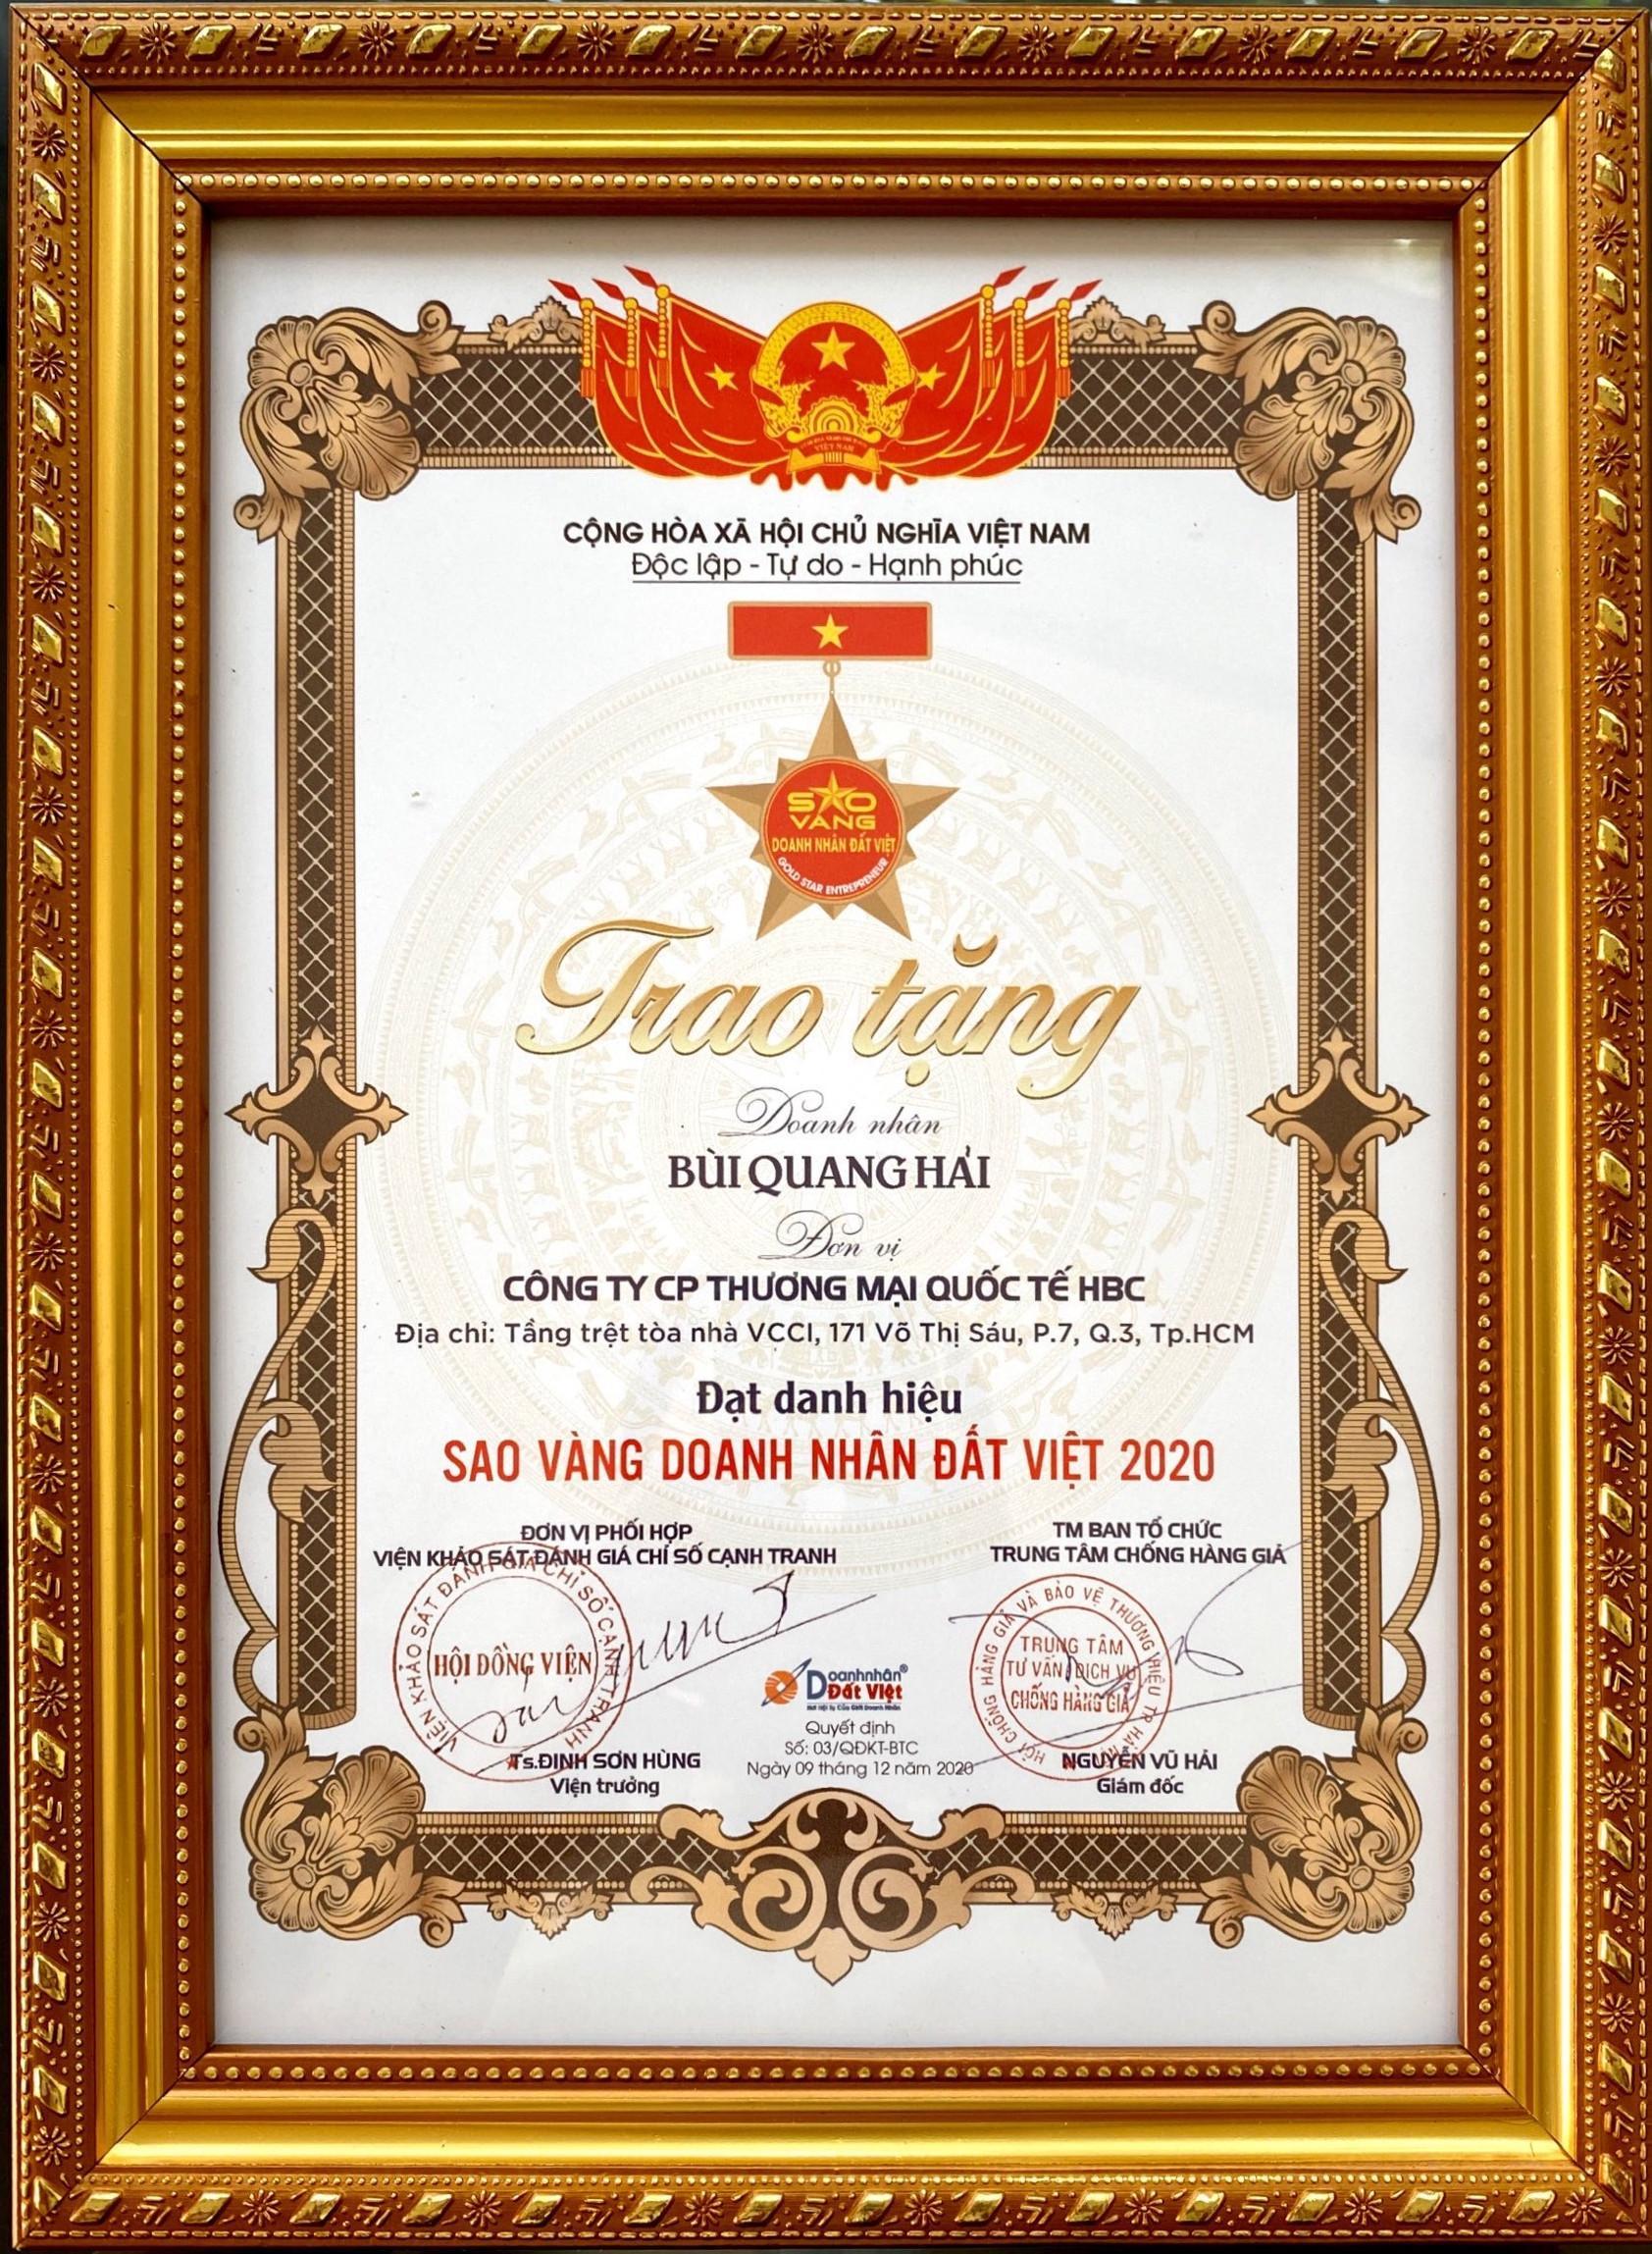 'Sao Vàng Doanh Nhân Đất Việt' vinh danh Tổng giám đốc Công ty HBC - Ảnh 3.